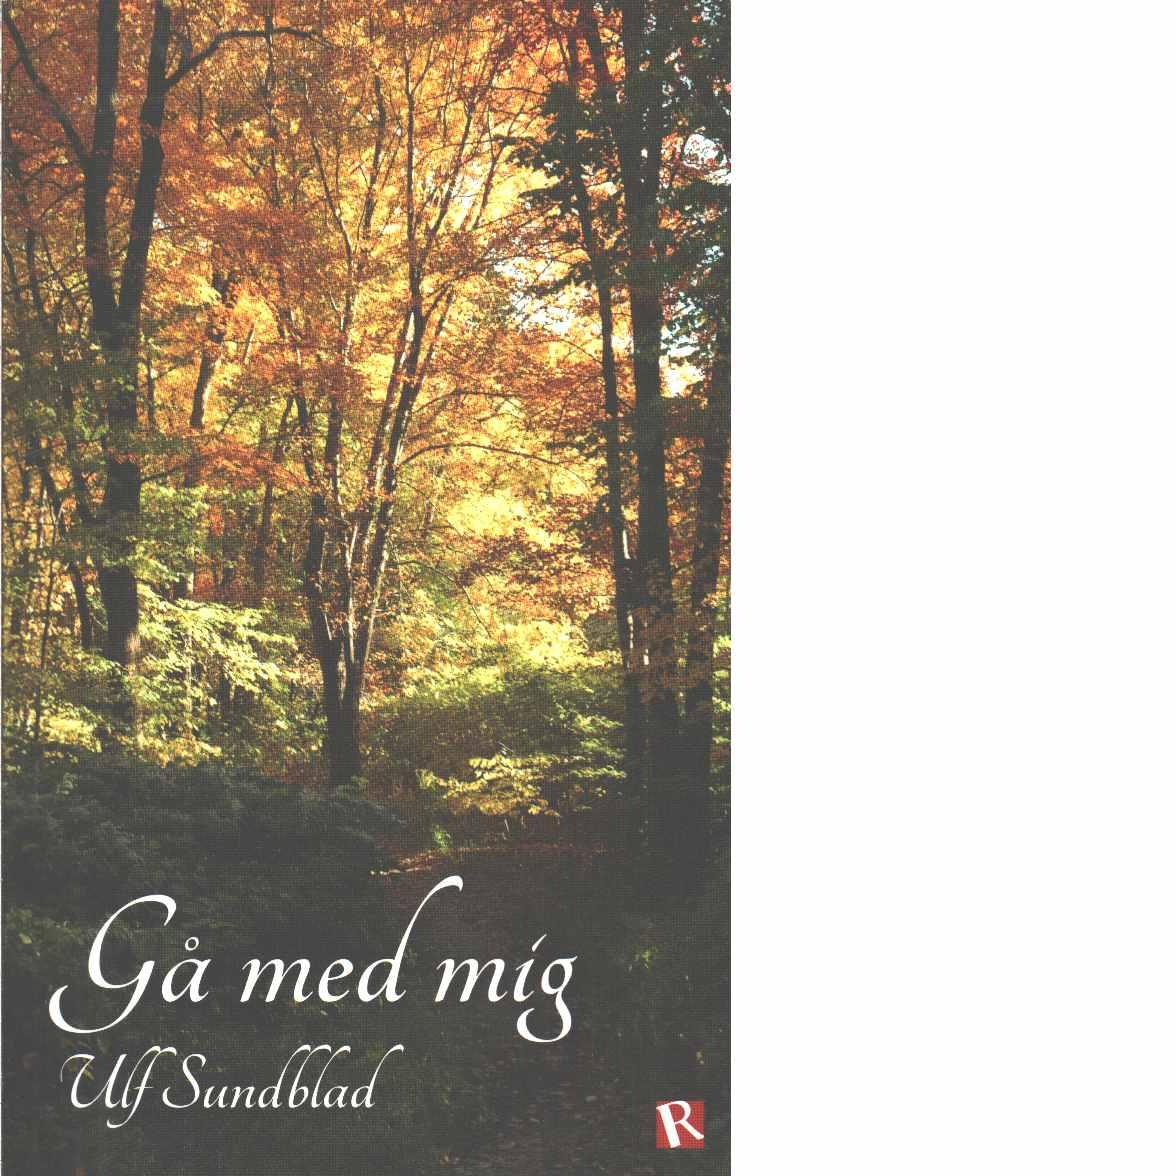 Gå med mig - Sundblad, Ulf